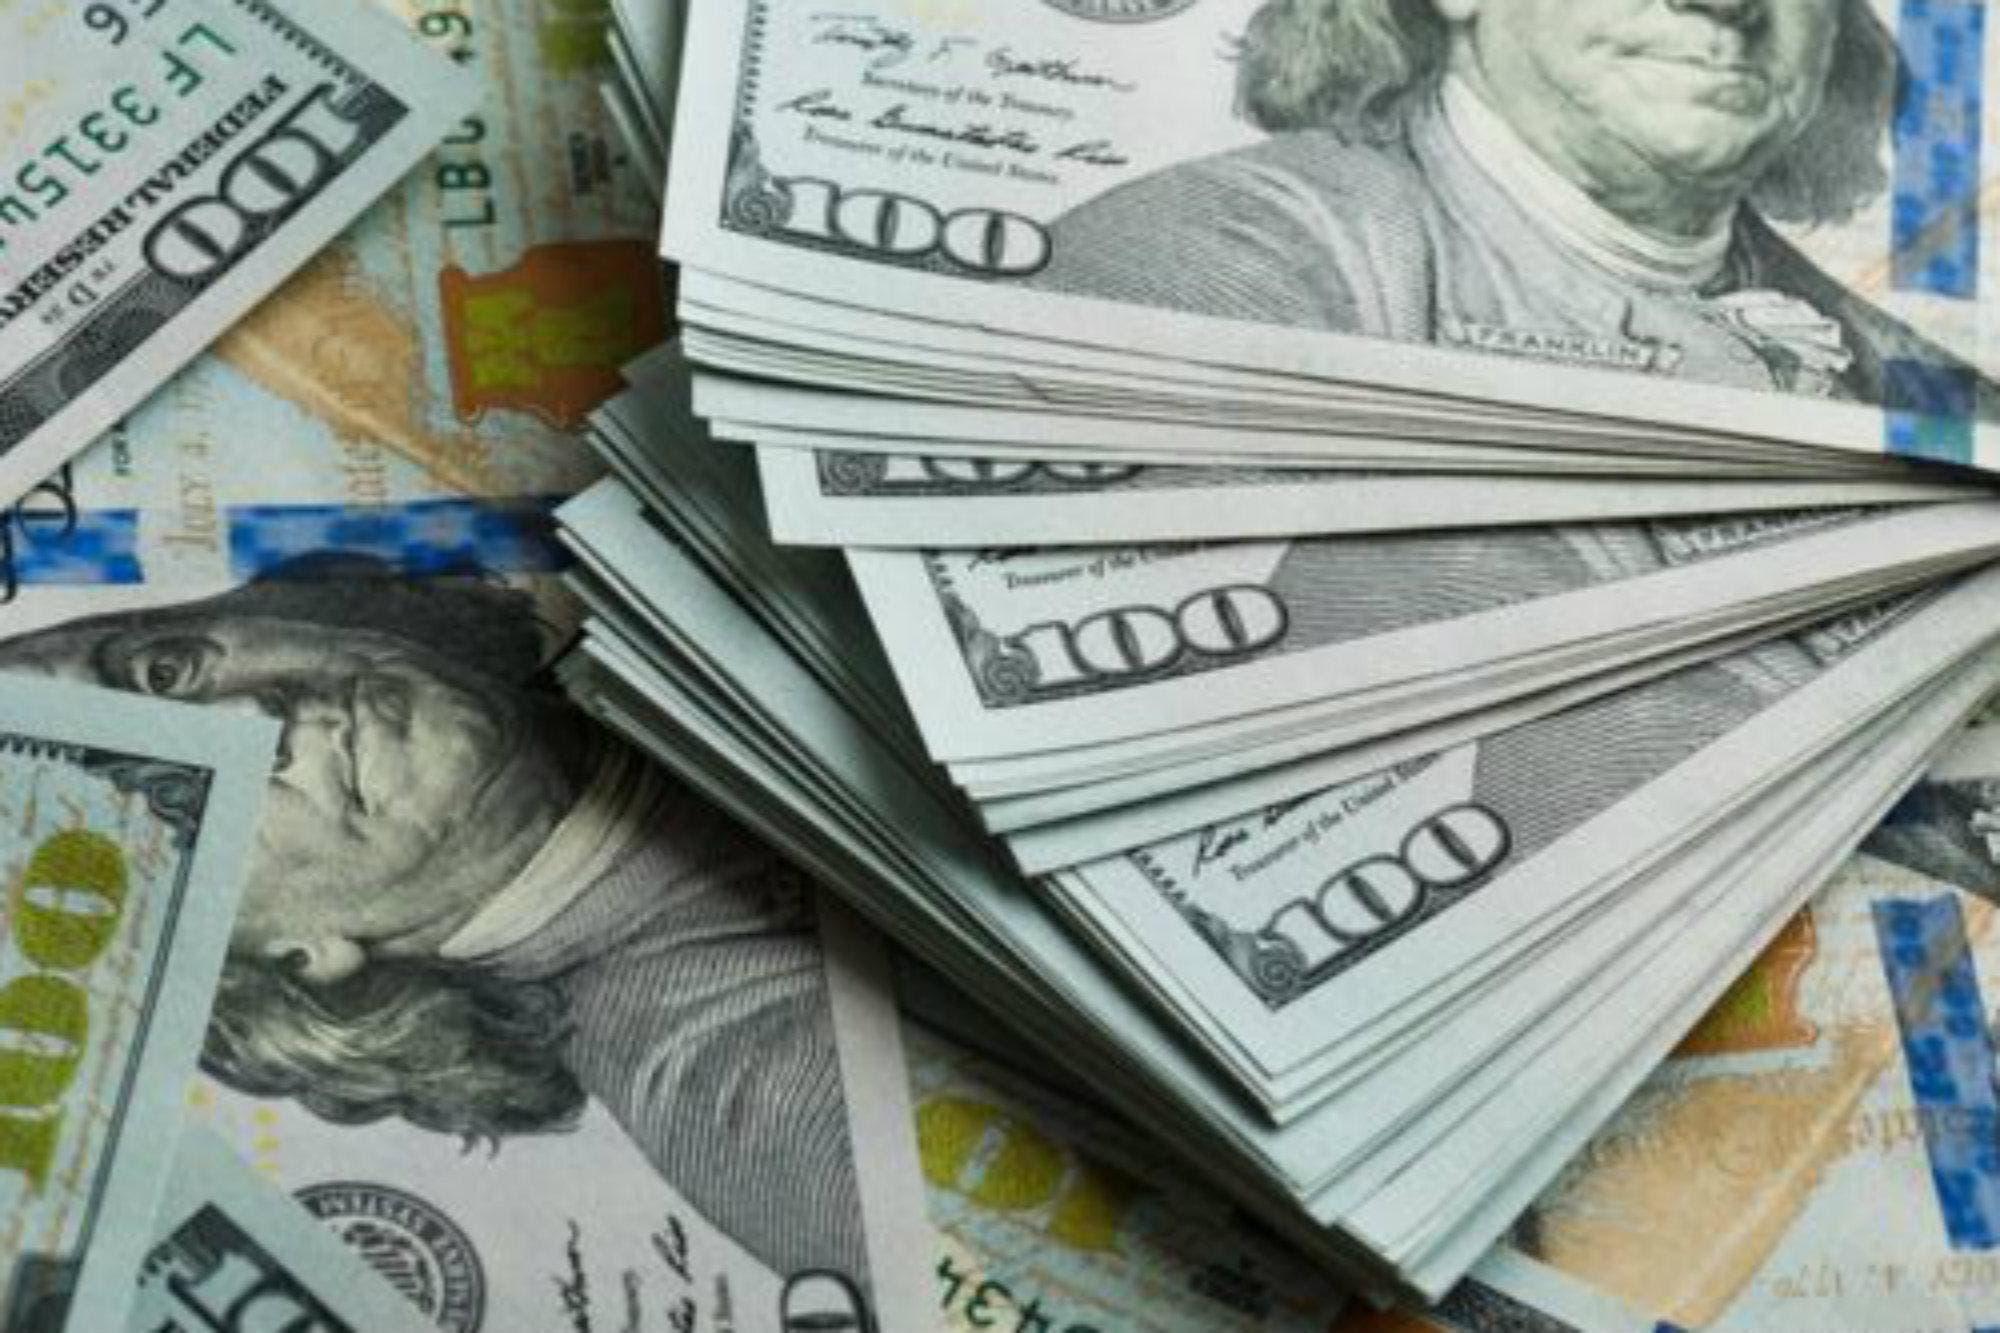 Los bancos desarmaron apuestas al carry trade por US$220 millones